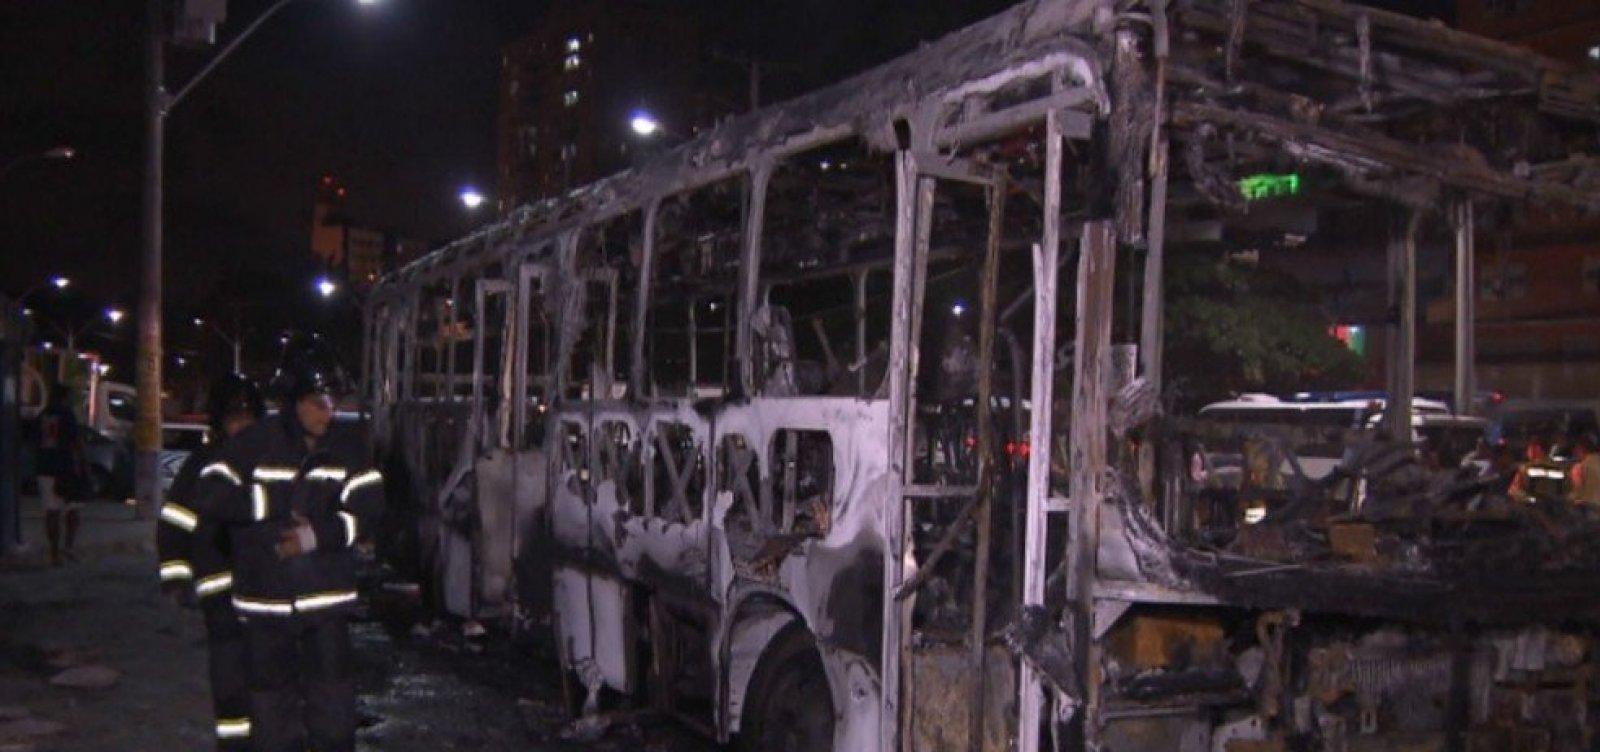 Bandidos incendeiam ônibus no bairro das Sete Portas